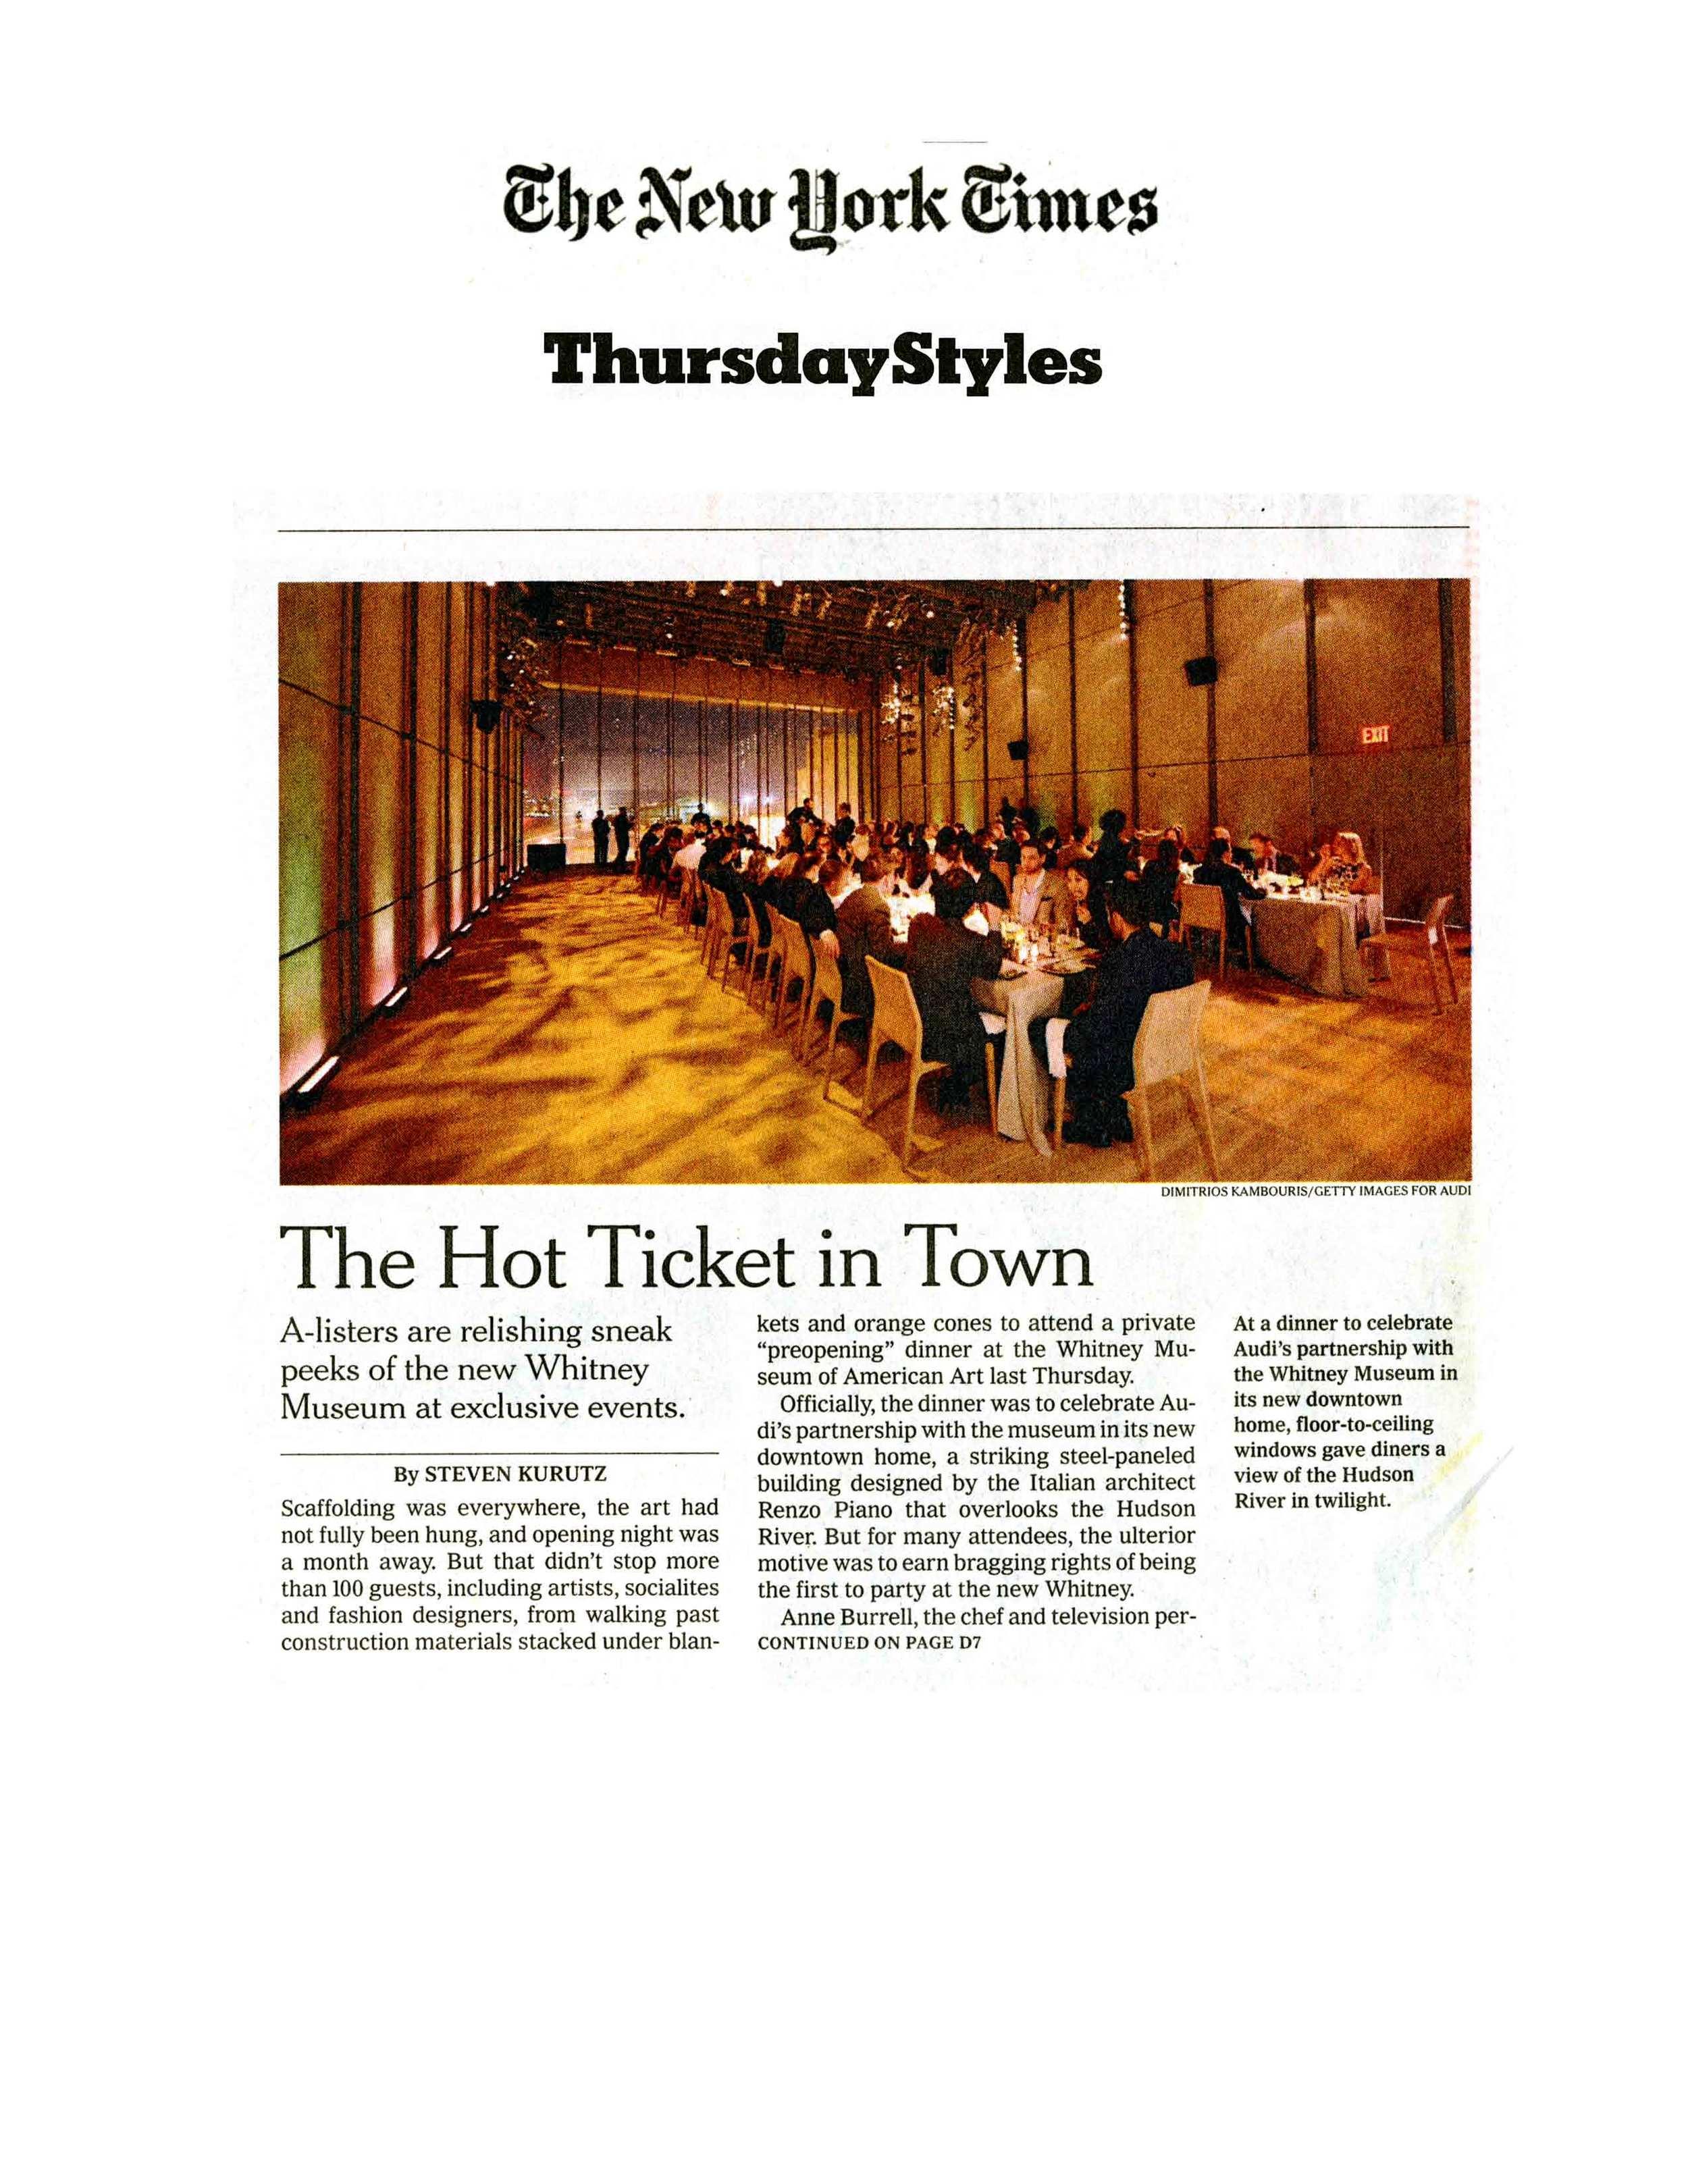 NYT Thursday Styles_Audi 4-9-15 - edit 4 (1).jpg